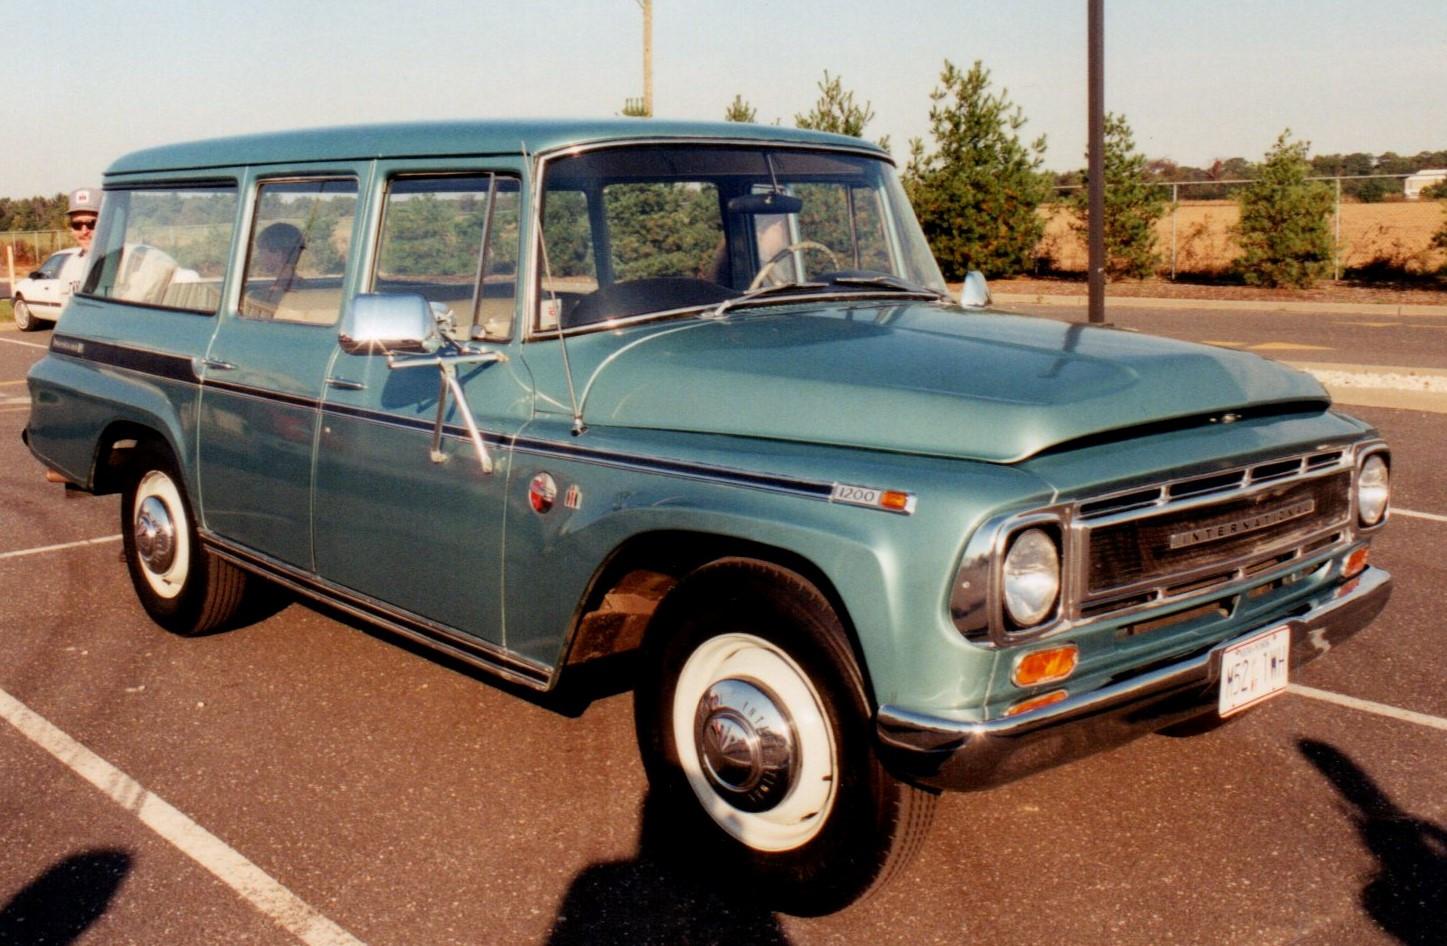 1968 International - Owner unknown